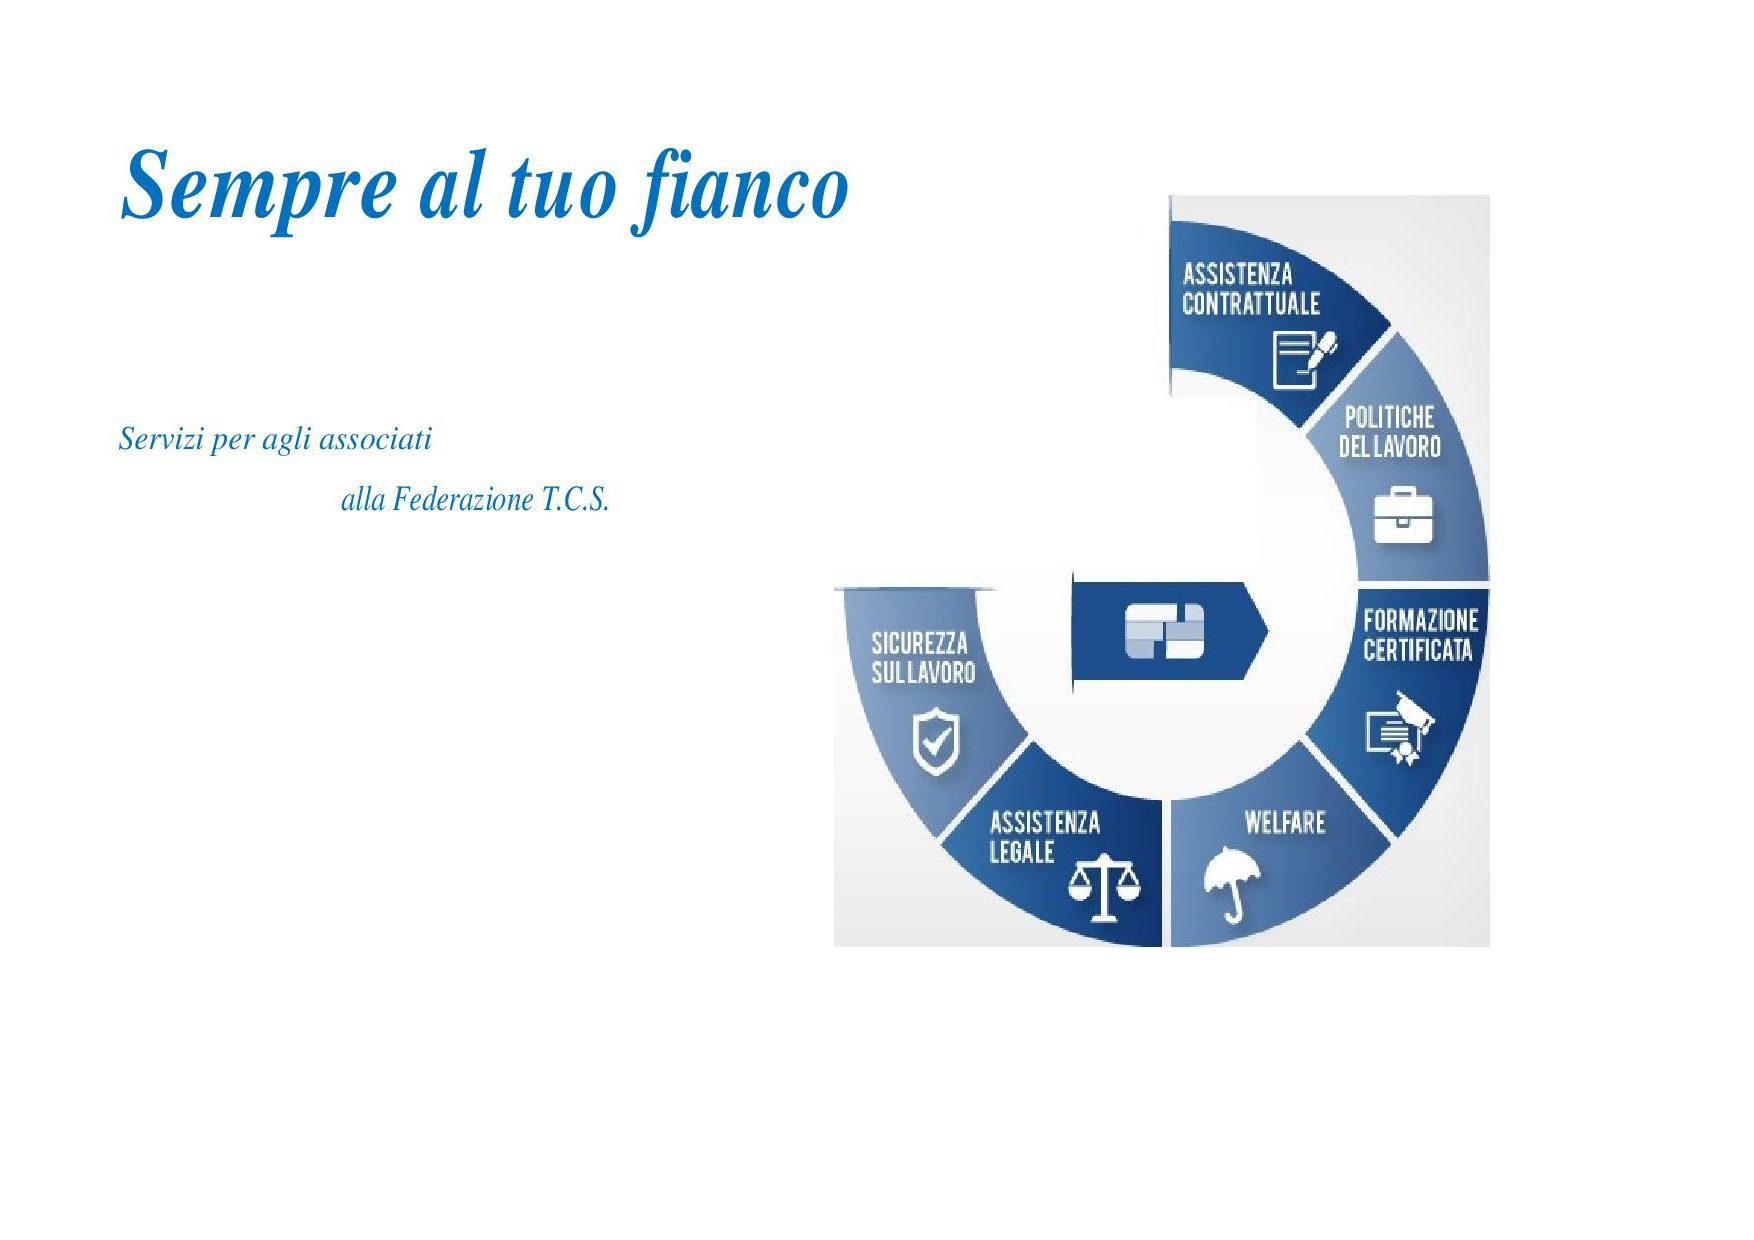 sito web uai terziario13